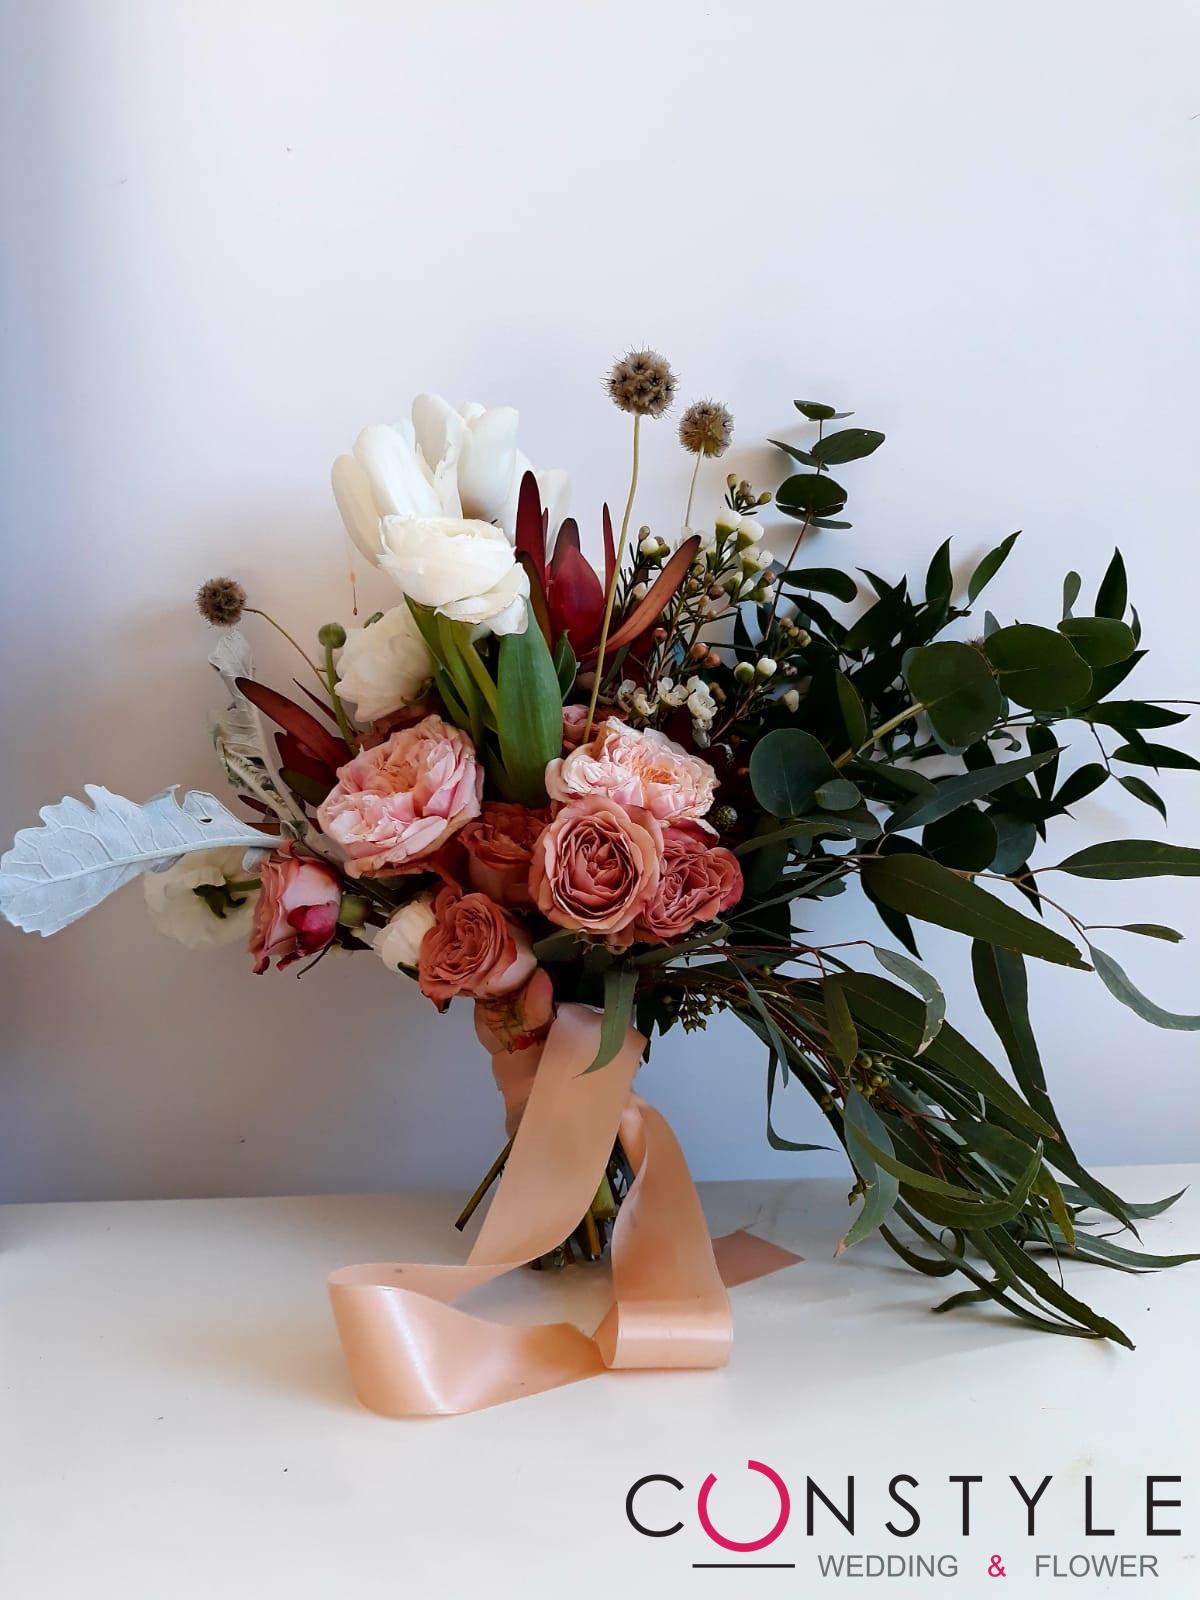 Constyle Wedding & Flower: i fiori ci rendono migliori, piu  felici e piu  utili agli altri.